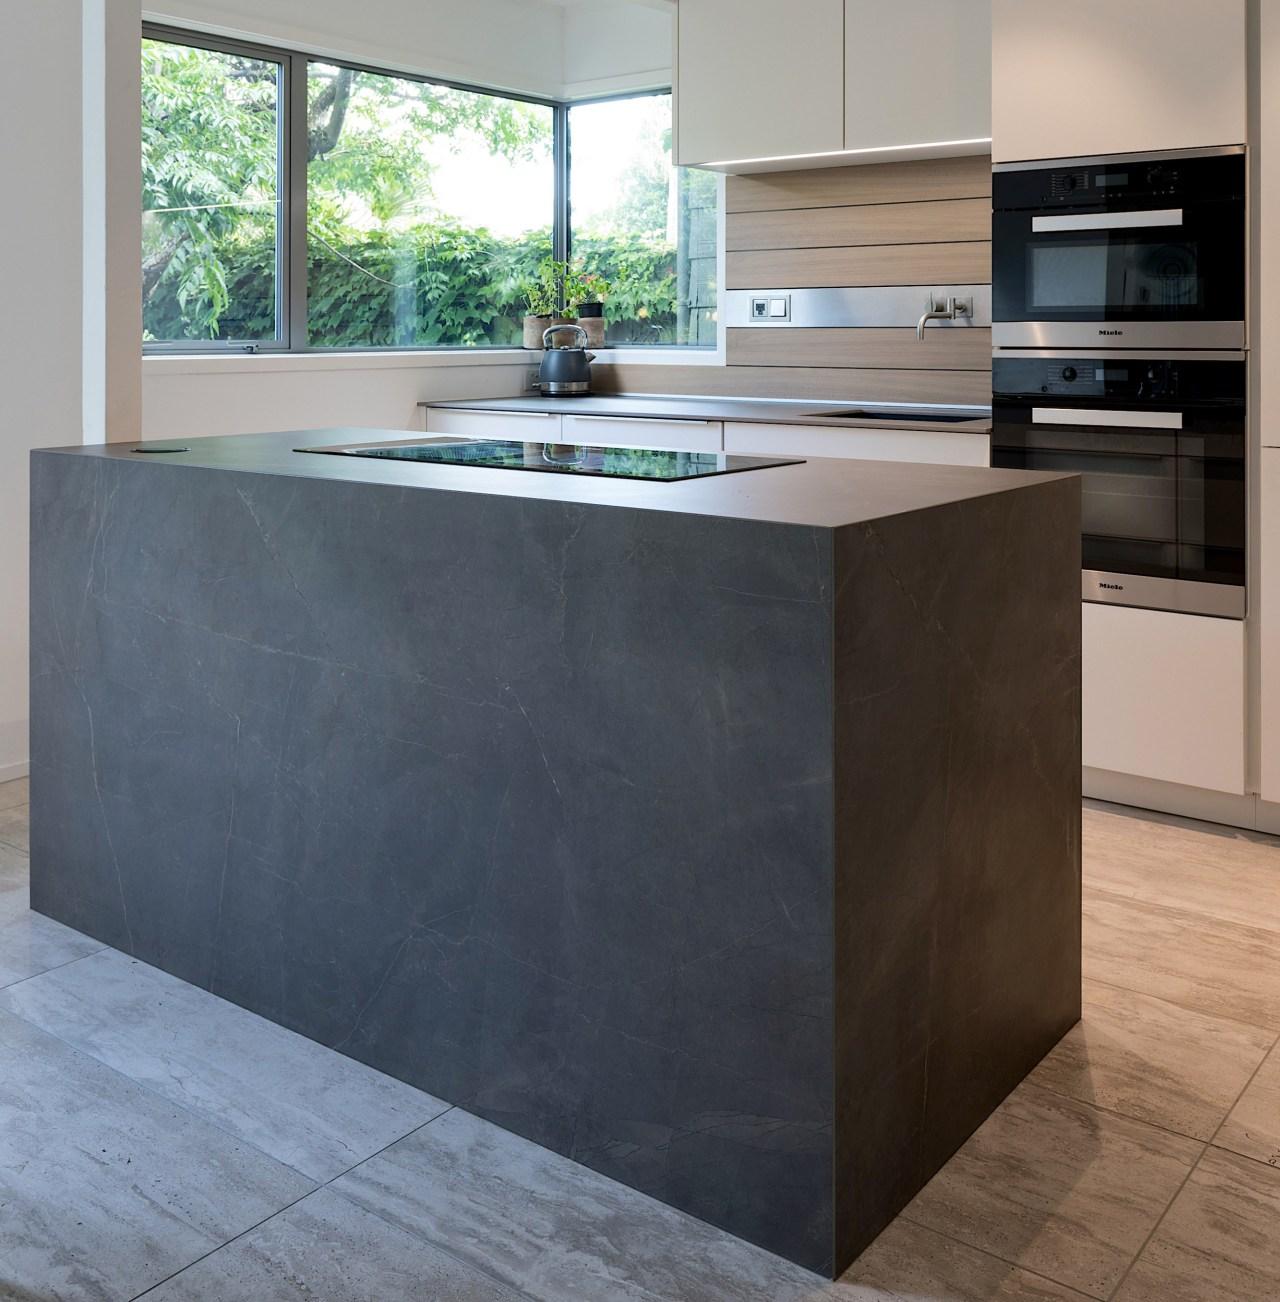 New kitchen island design -